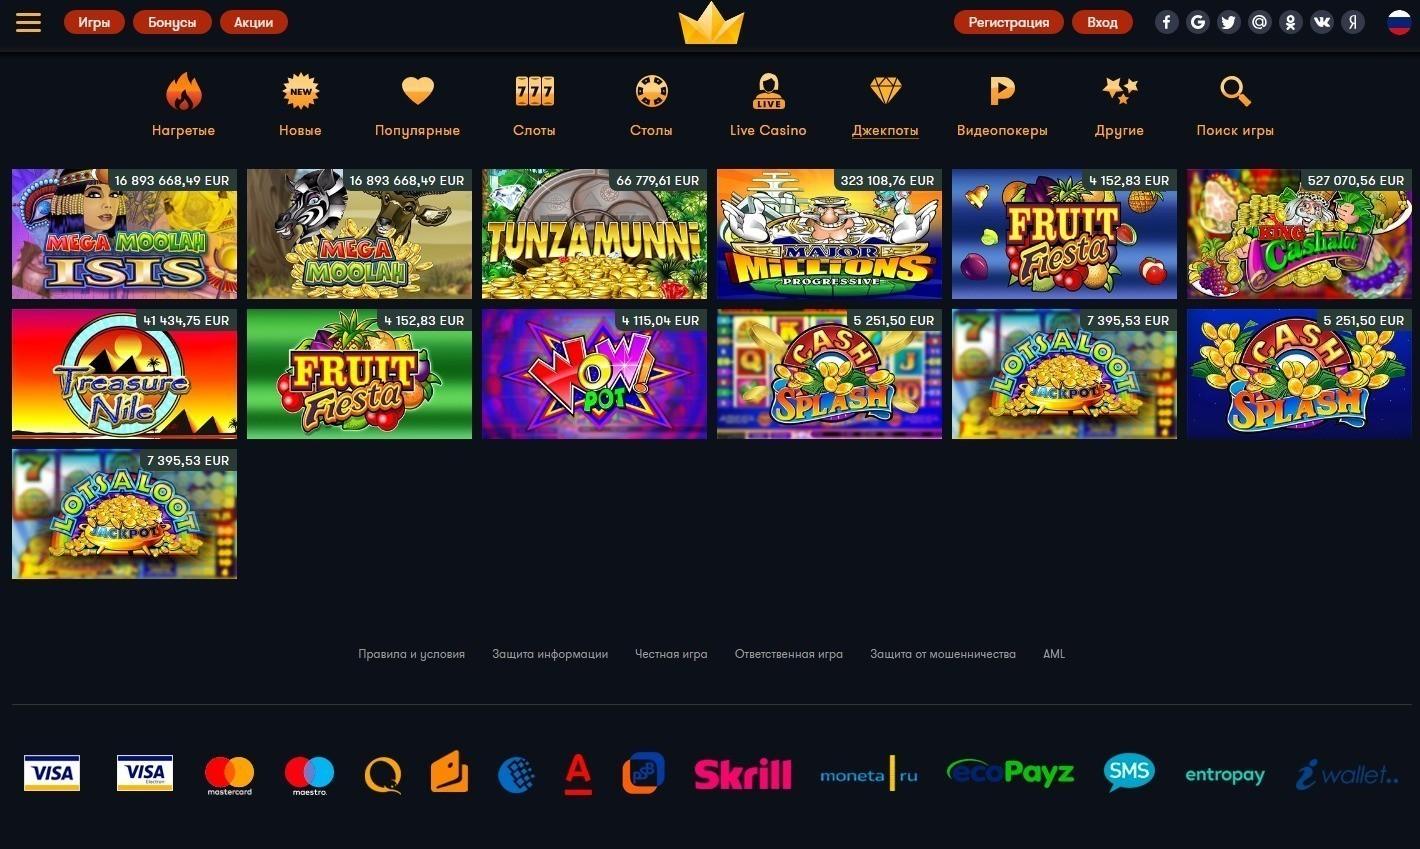 официальный сайт выпал джекпот в казино